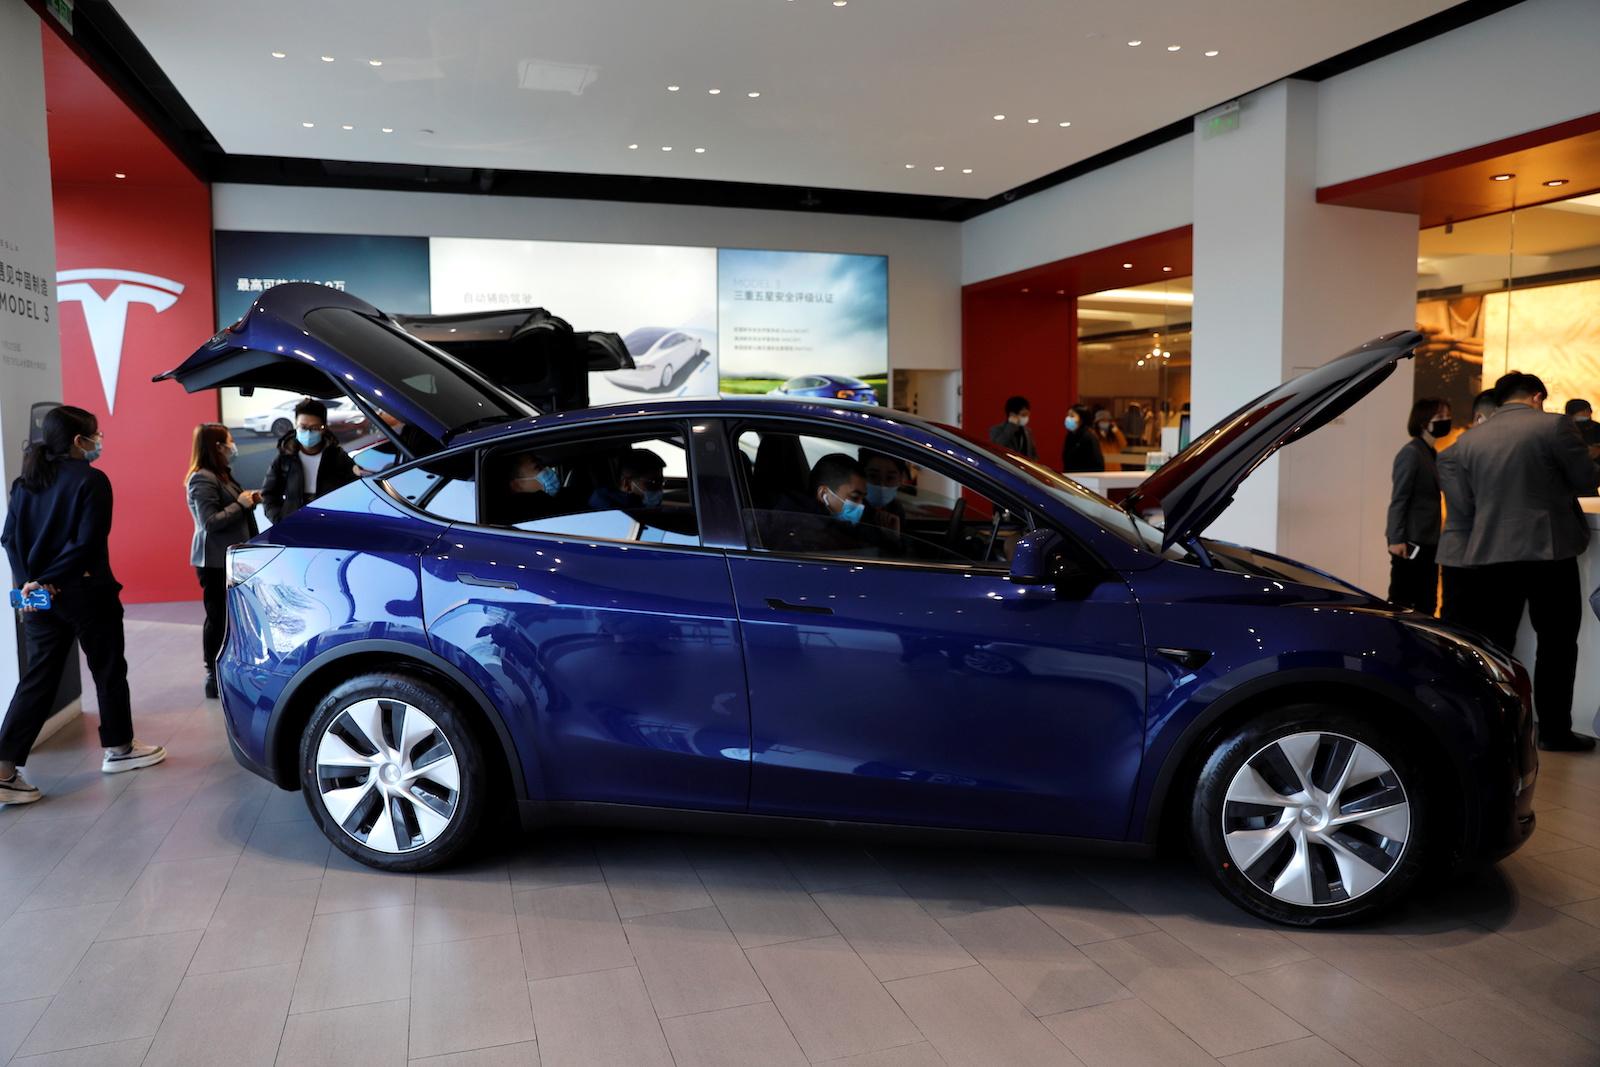 戴著口罩的訪客在2021年1月5日在中國北京的電動汽車製造商的陳列室裡檢查了特斯拉Y型運動型多功能車(SUV)。路透社/王廷樹-RC2K1L98RI0T